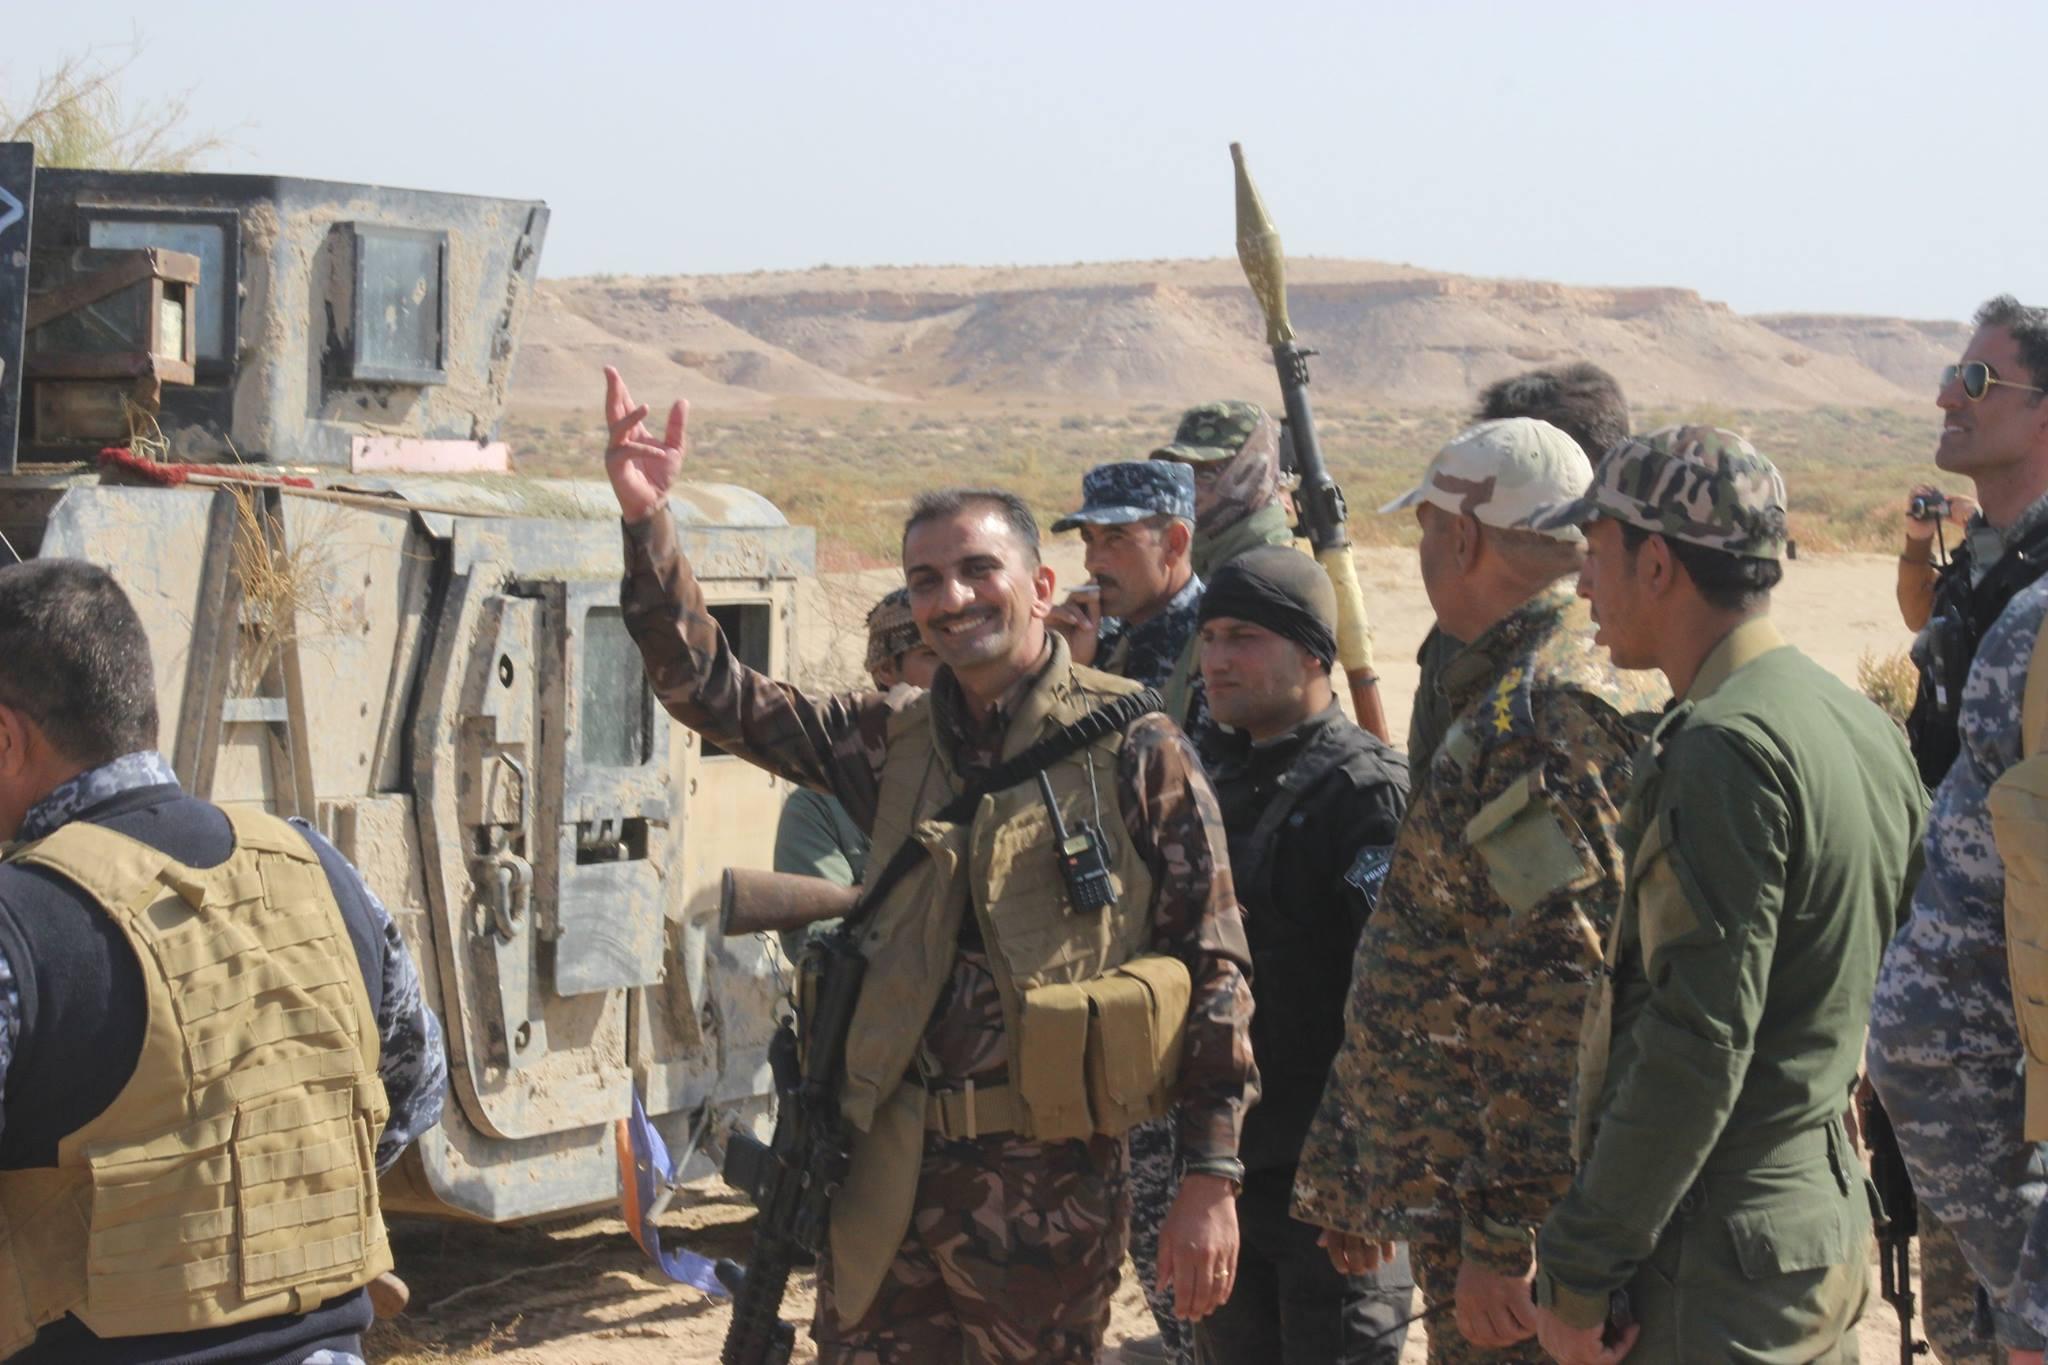 شرطة عامرية الفلوجة تشكل لجنة لإعادة النازحين الى منطقة الحصي